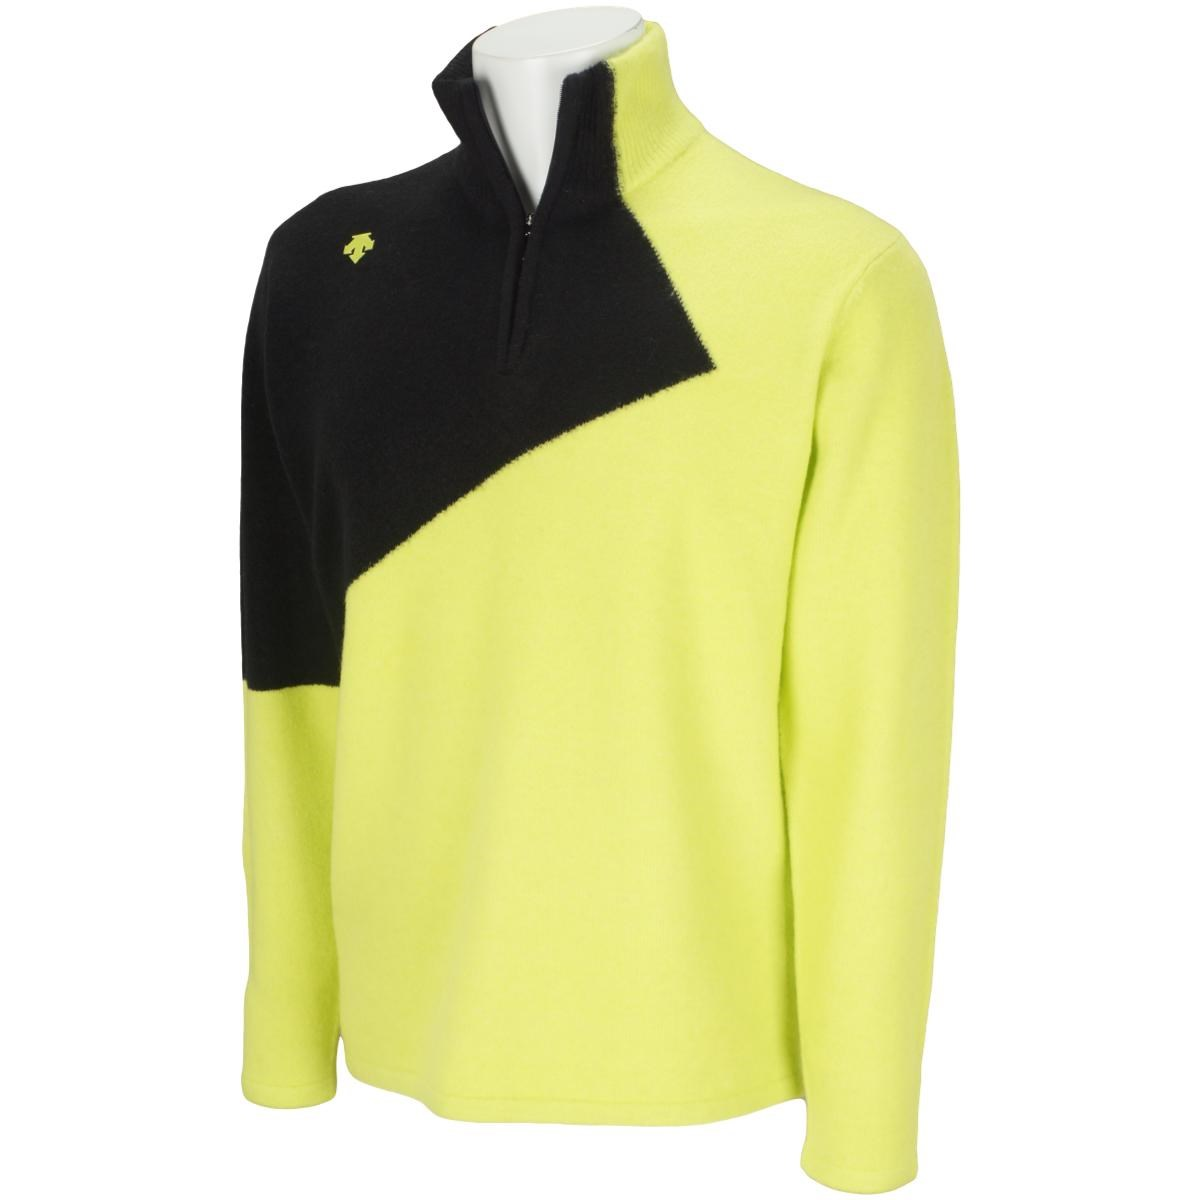 デサントゴルフ(DESCENTE GOLF) 紡毛ジャカードライジング切り替えジップアップセーター